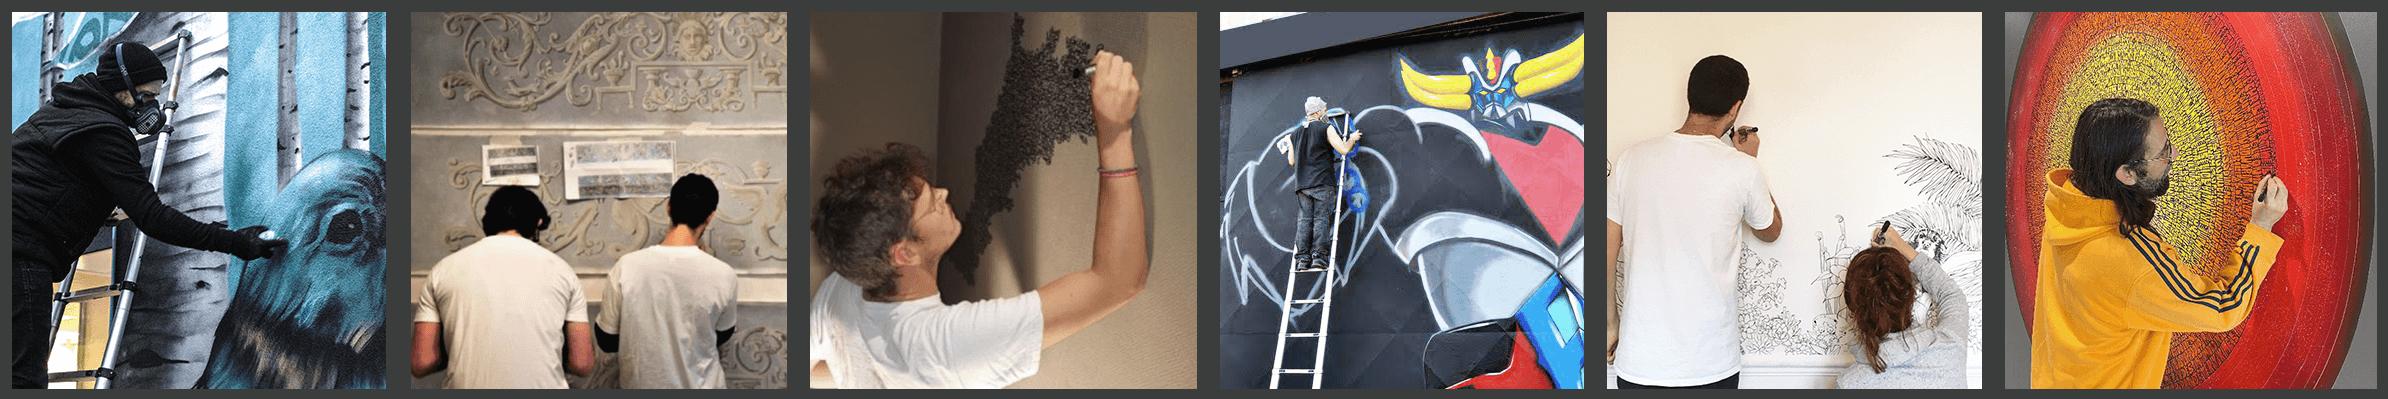 image représente quelques artistes de CATCH ARTS